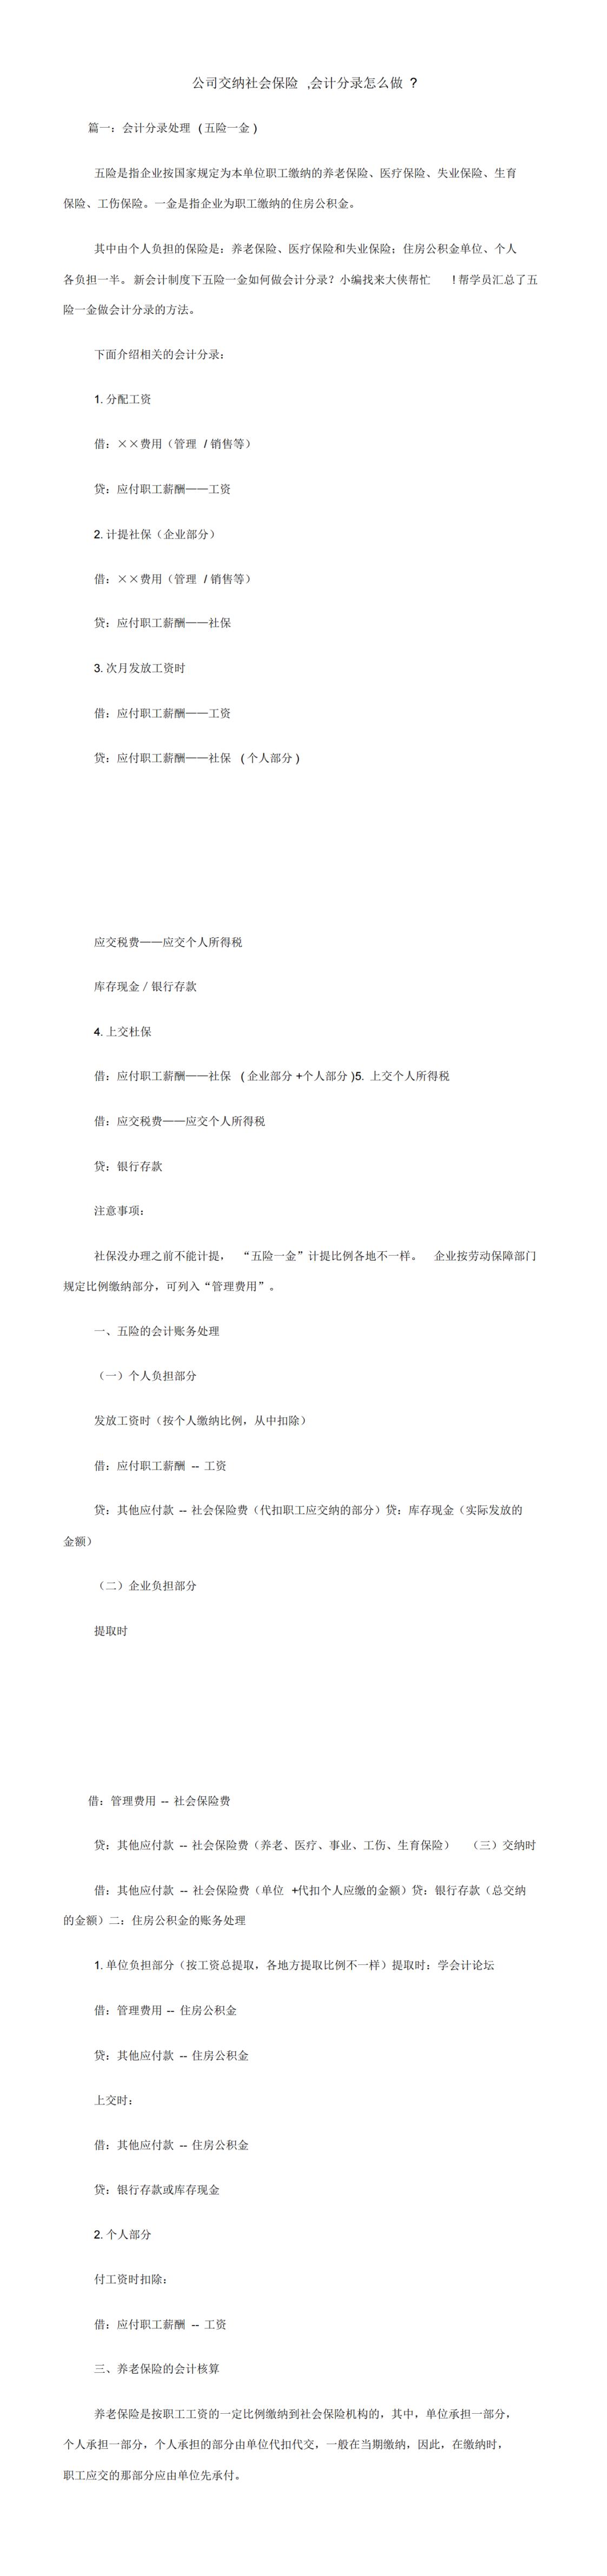 公司交纳社会保险会计分录怎么做_00.png